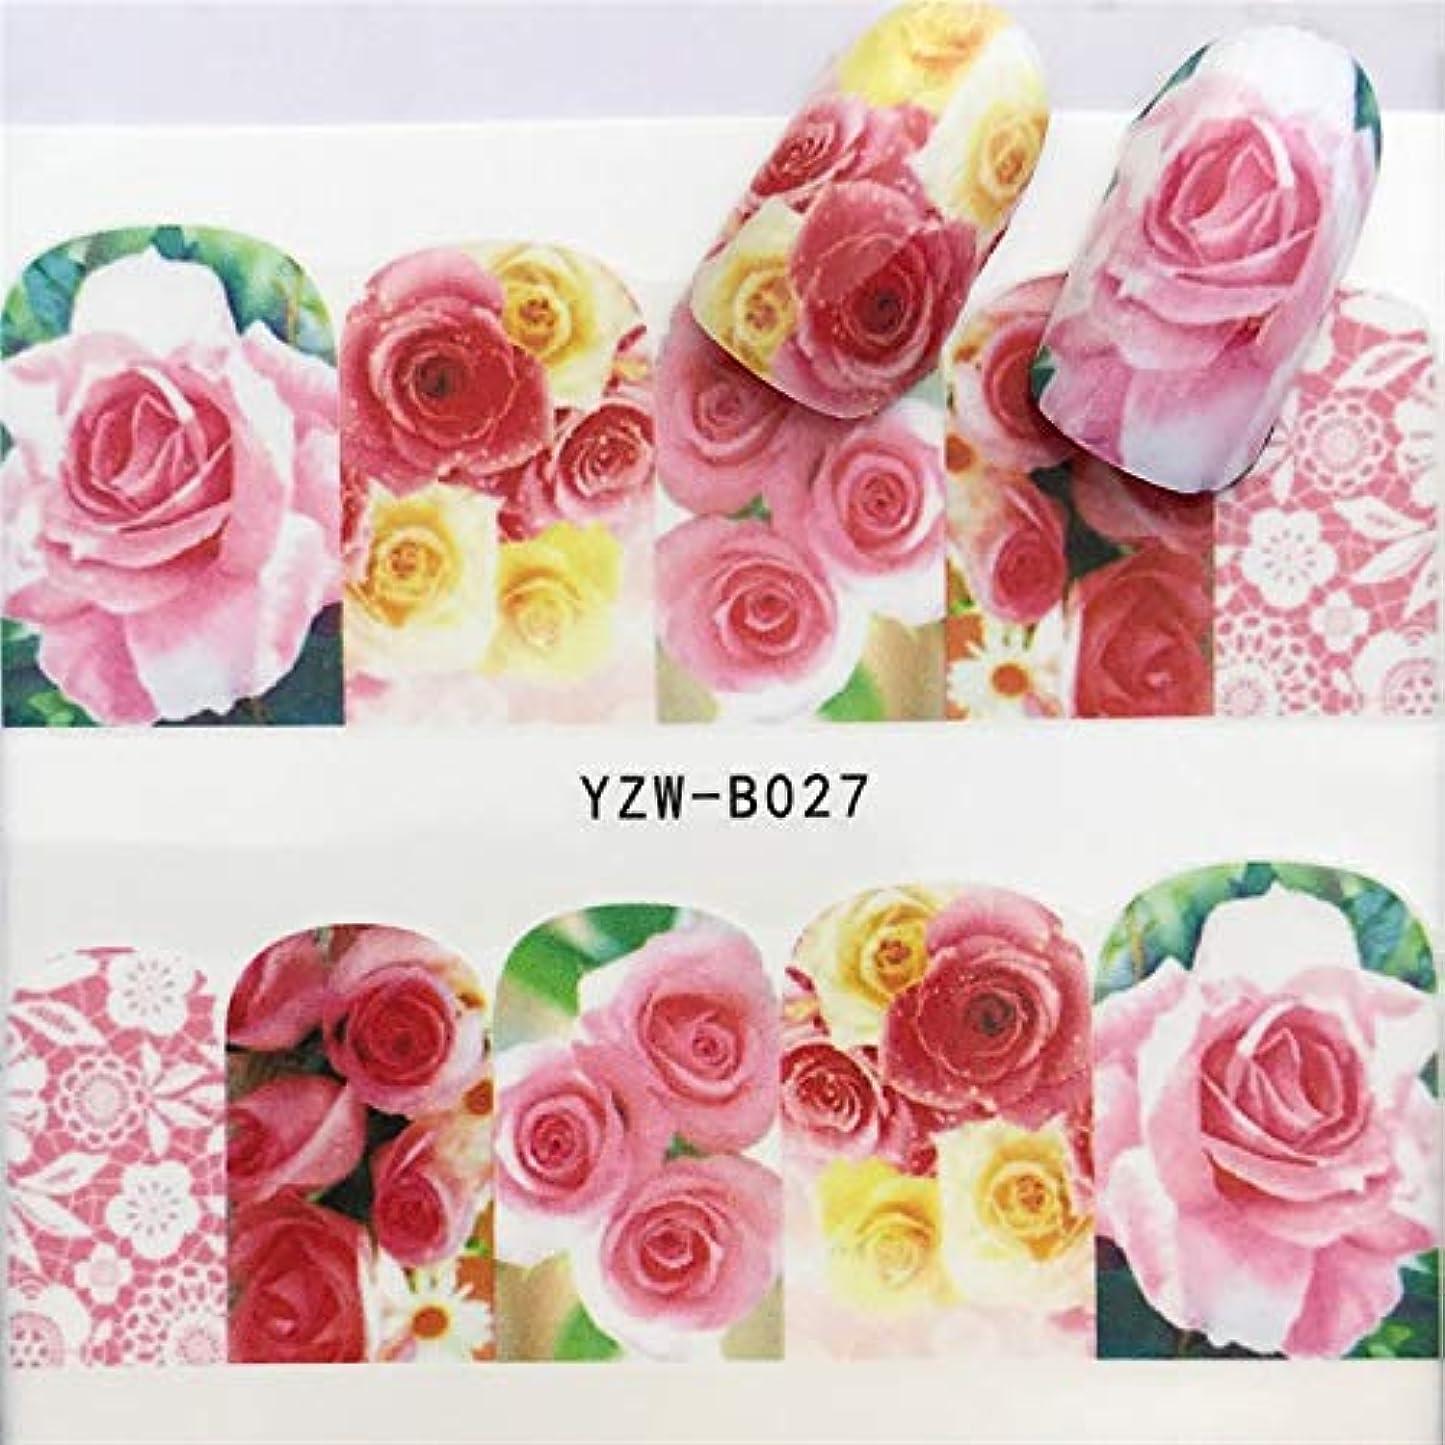 何かコメント関係ビューティー&パーソナルケア 3個ネイルステッカーセットデカール水転写スライダーネイルアートデコレーション、色:YZWB027 ステッカー&デカール